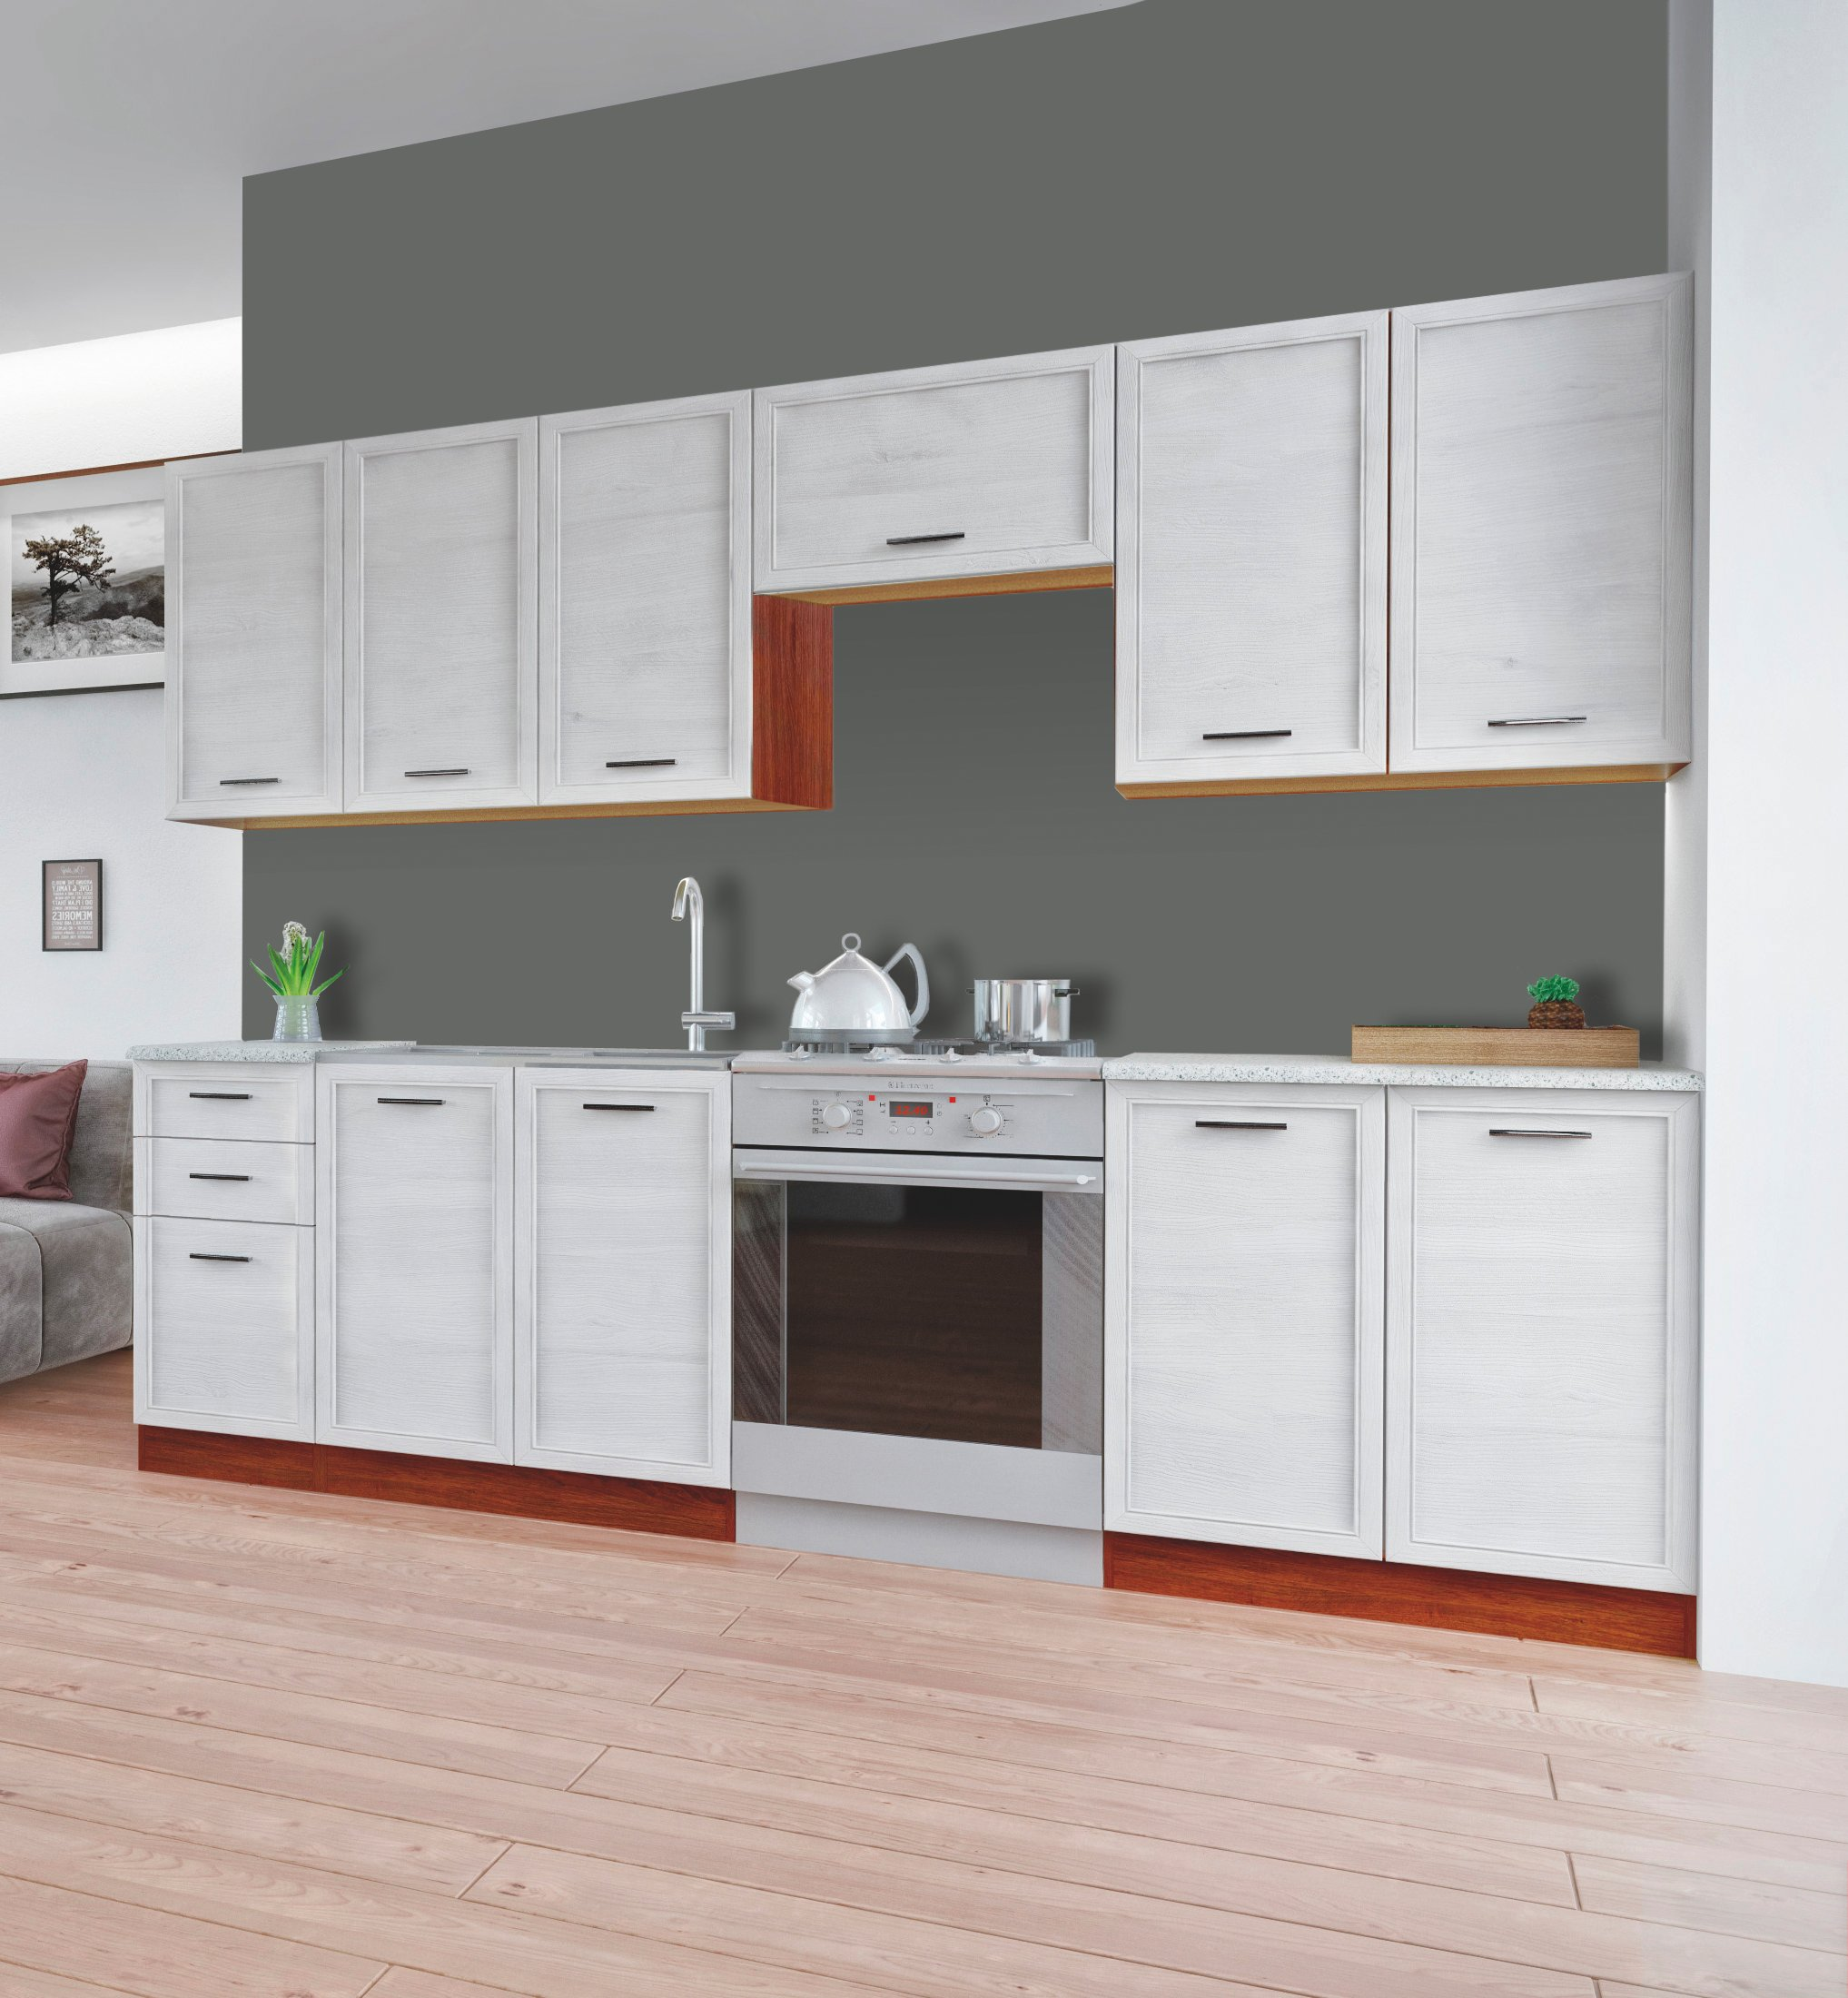 Kuchyně - Halmar - Reus 260 cm